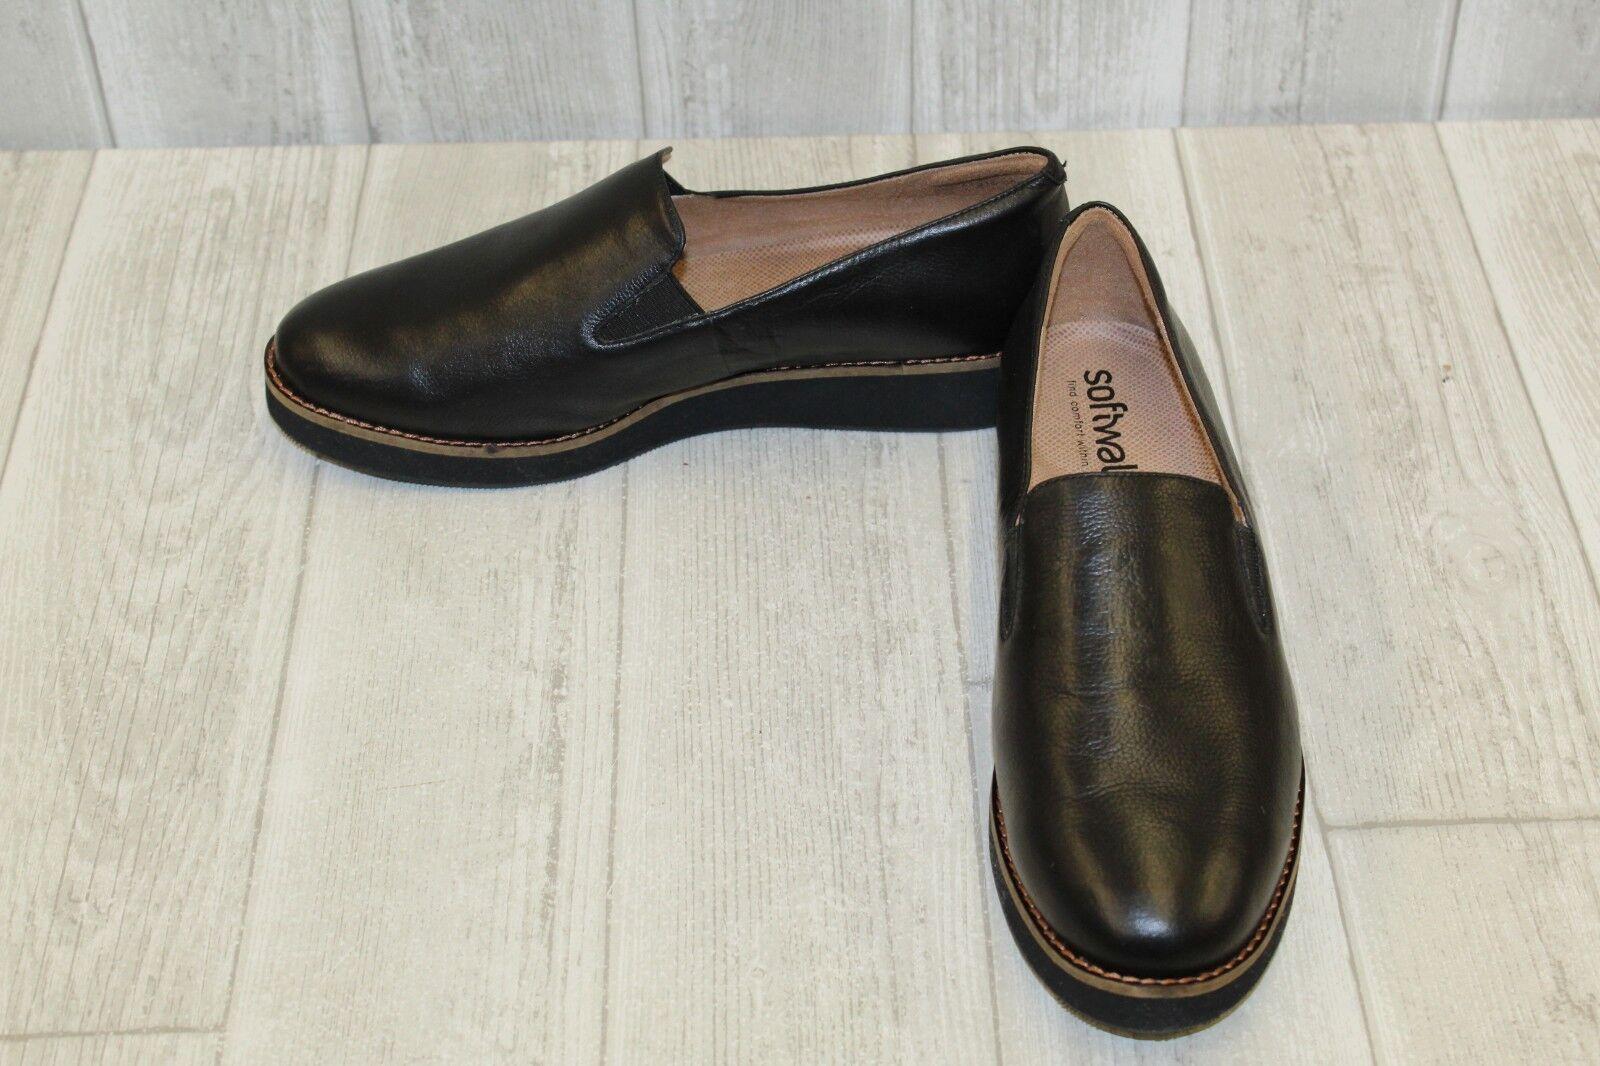 Softwalk silbato resbalón en el zapato-mujer zapato-mujer zapato-mujer 'S Talla 8.5W - Negro  promocionales de incentivo